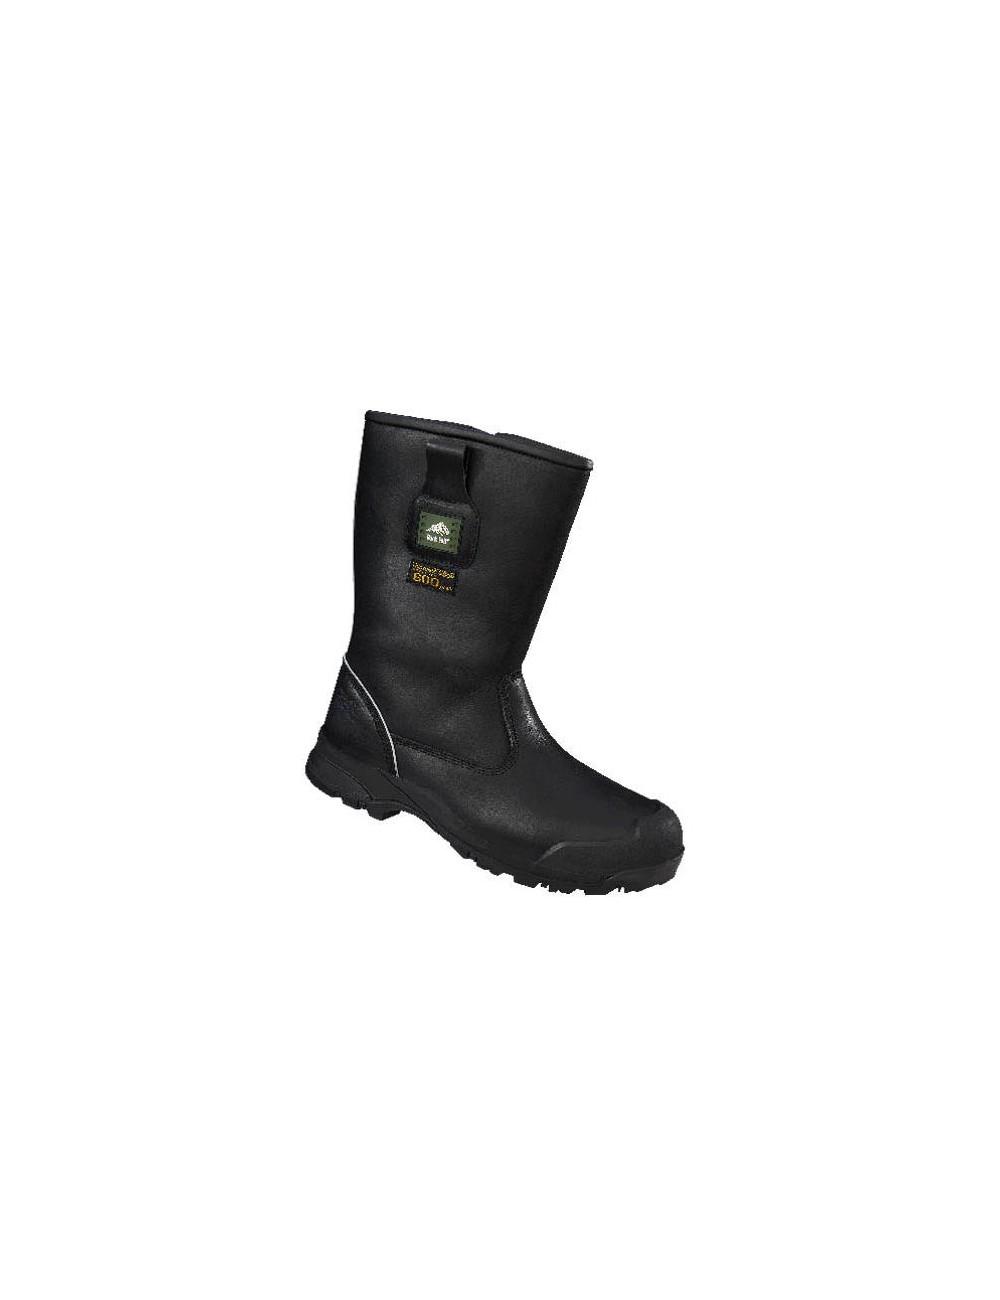 Wysokie buty Rockfall Manitoba, idealne do pracy w mroźni lub chłodni. Ochrona do -40 stopni. Od Goldfreeze.